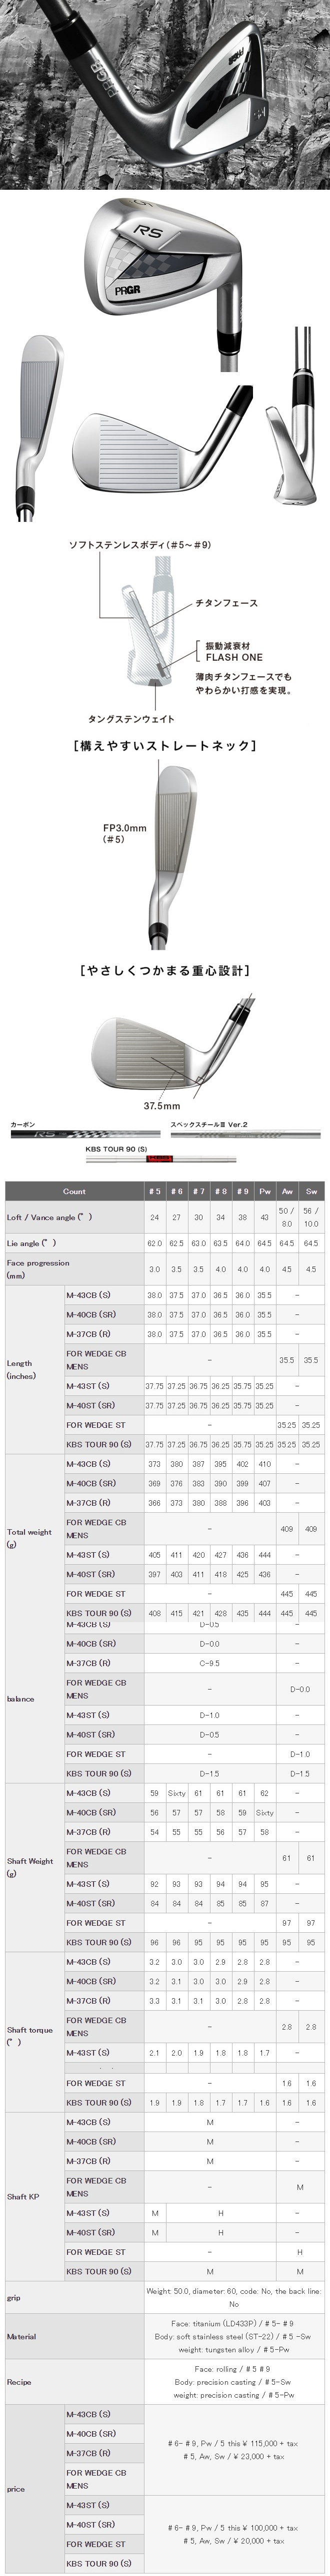 PRGR 2016 RS Titan Face Iron